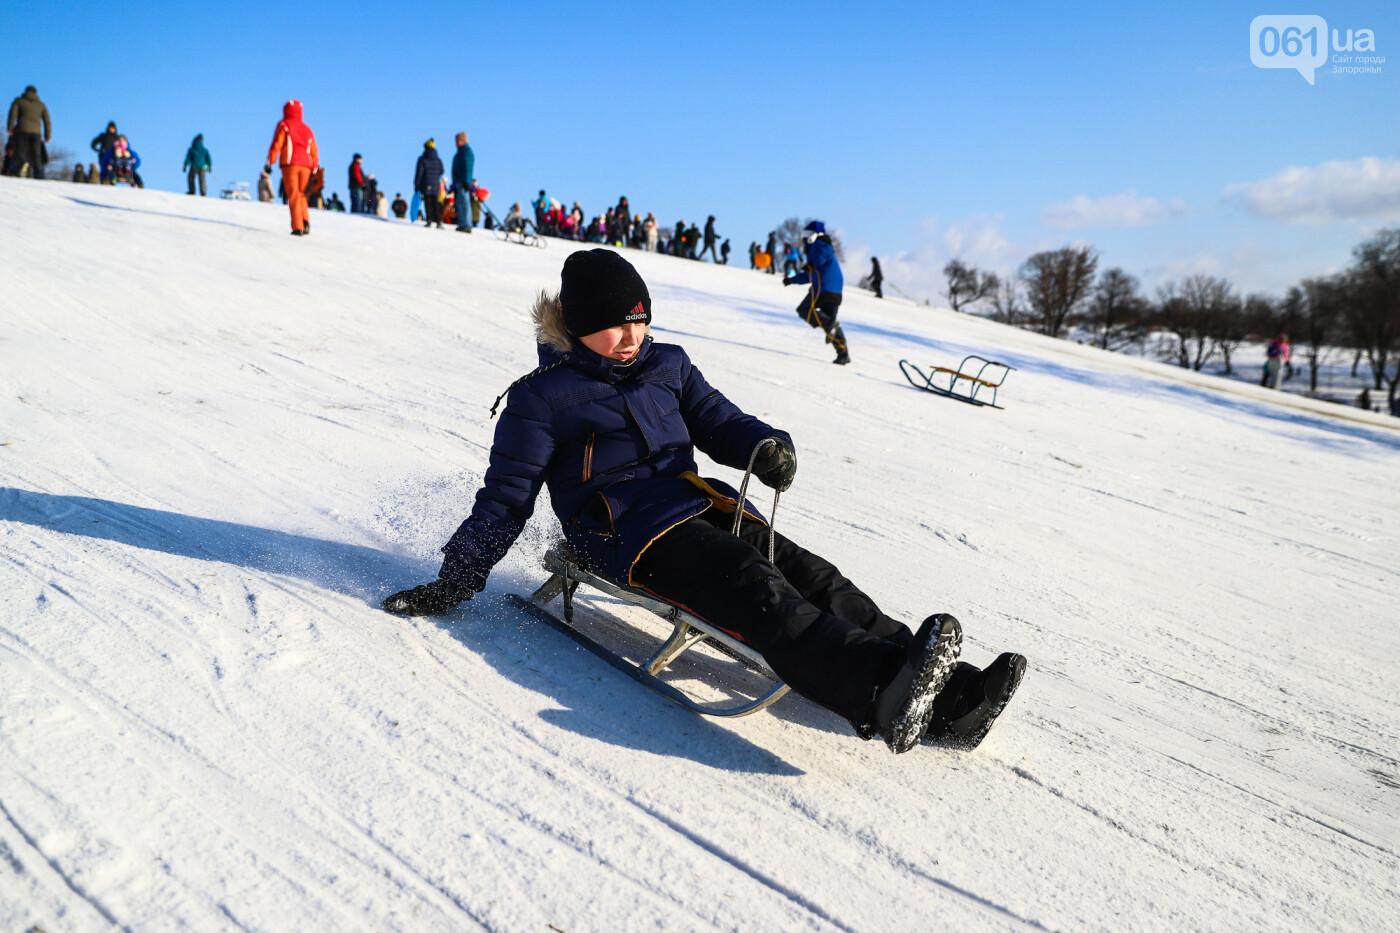 На санках, лыжах и сноуборде: запорожцы устроили массовое катание с горок в Вознесеновском парке, - ФОТОРЕПОРТАЖ, фото-90